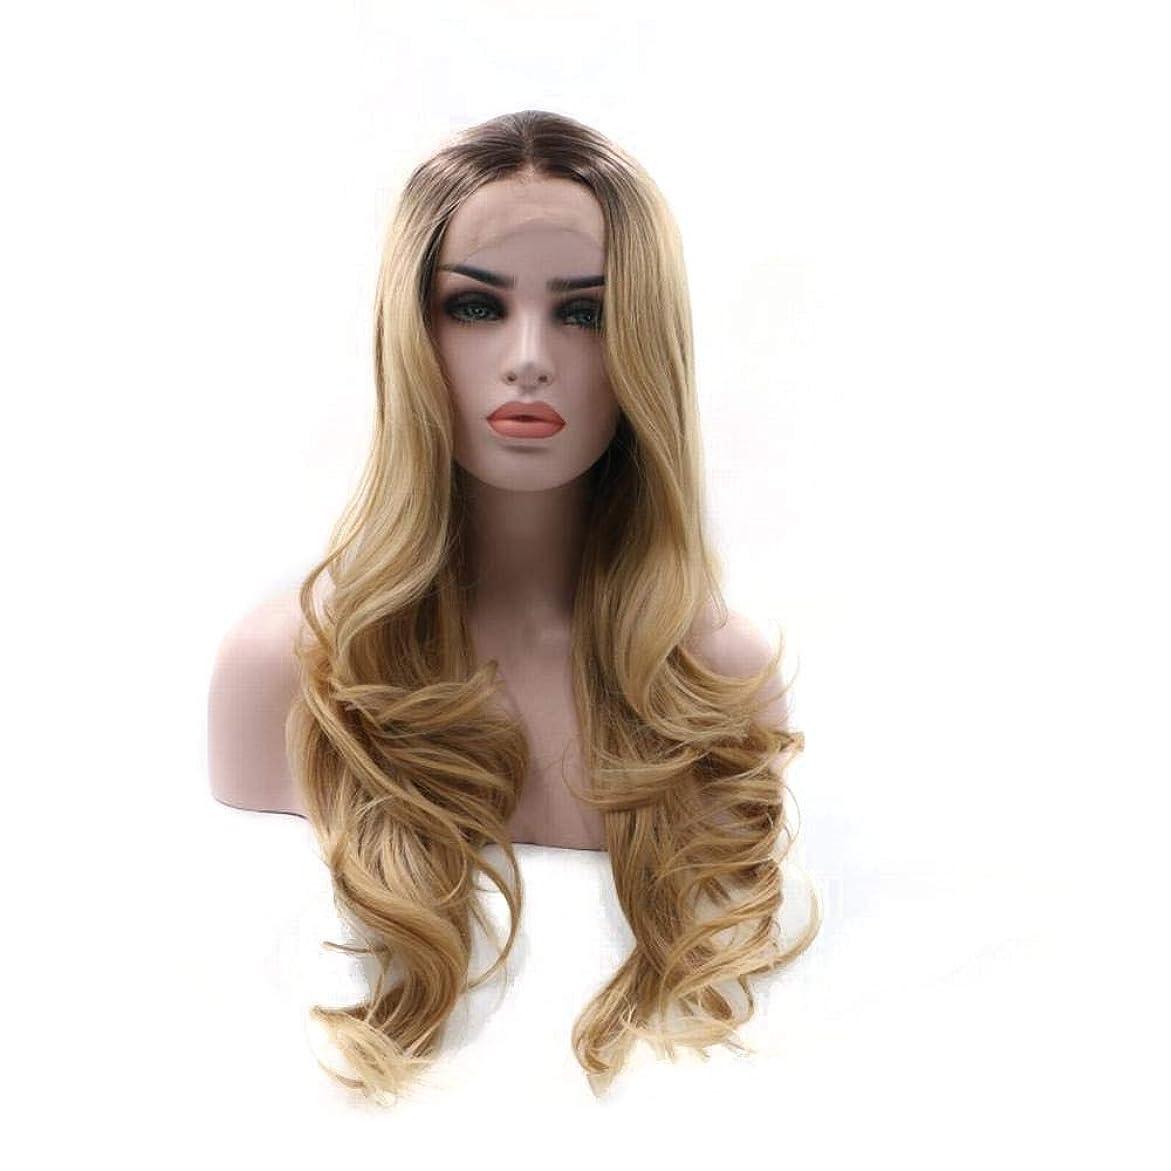 苦味エージェントテーマBOBIDYEE グラデーションゴールドロングカーリーヘアフロントレース手織かつらヘッドギア複合ヘアレースウィッグロールプレイングかつら (色 : Blonde)